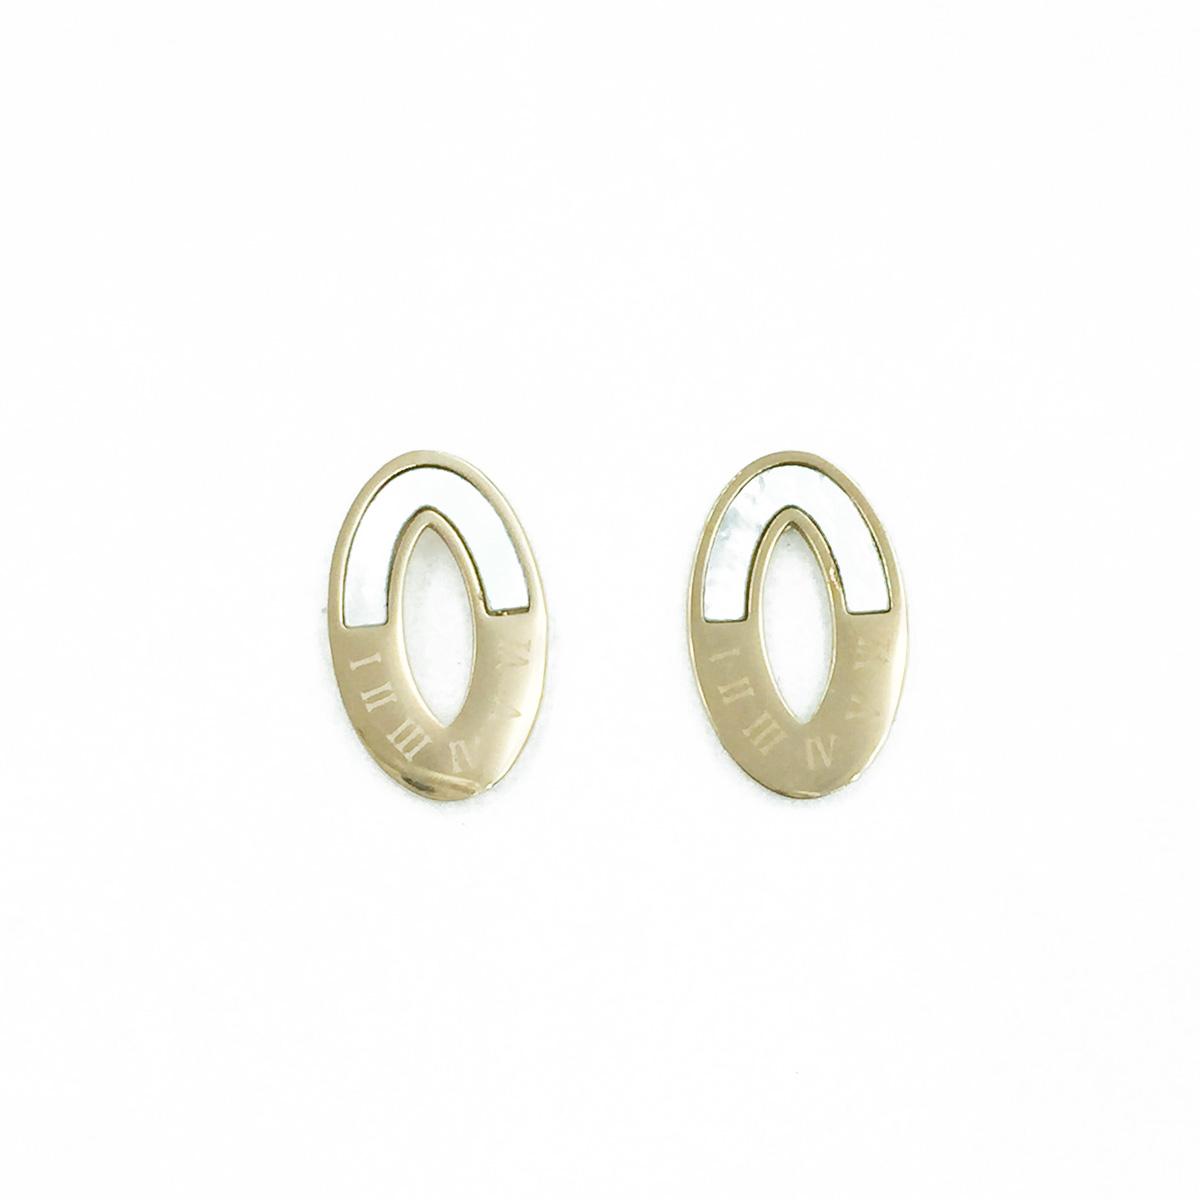 韓國 不鏽鋼 簍空橢圓設計 羅馬數字 玫瑰金 耳針式耳環